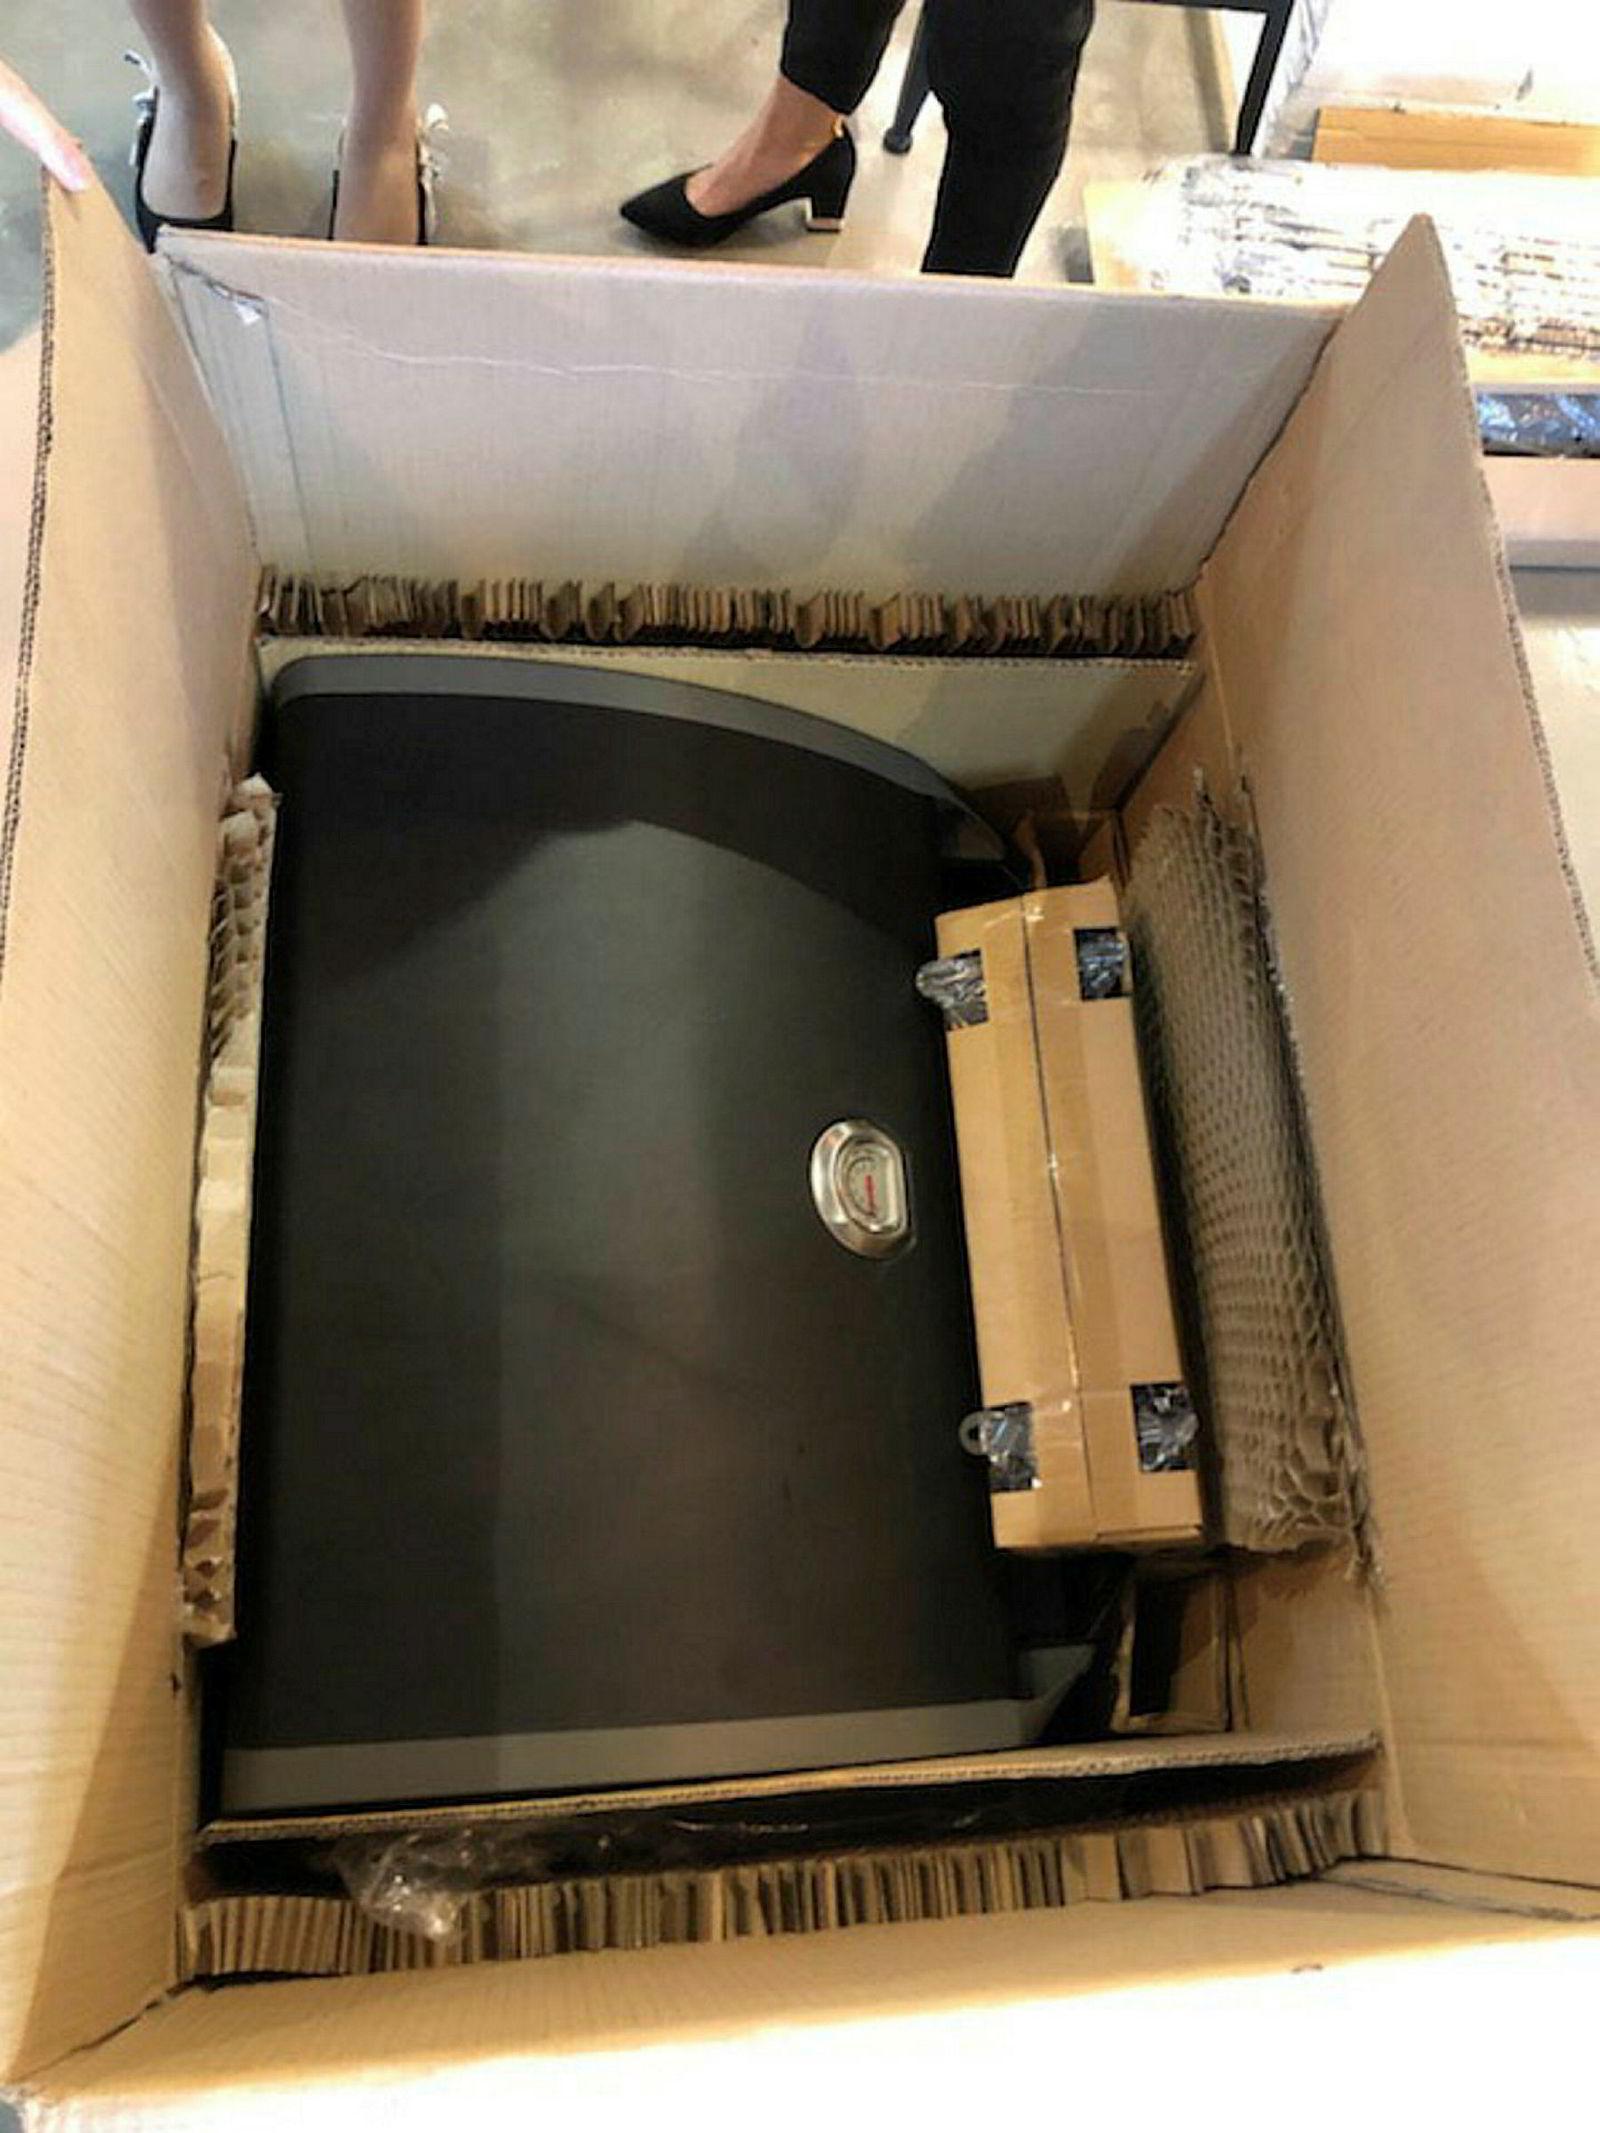 Slik vil grillene produsert i Kina i fremtiden bli sendt til Jernia-kjeden – med papp som erstatning for isopor.